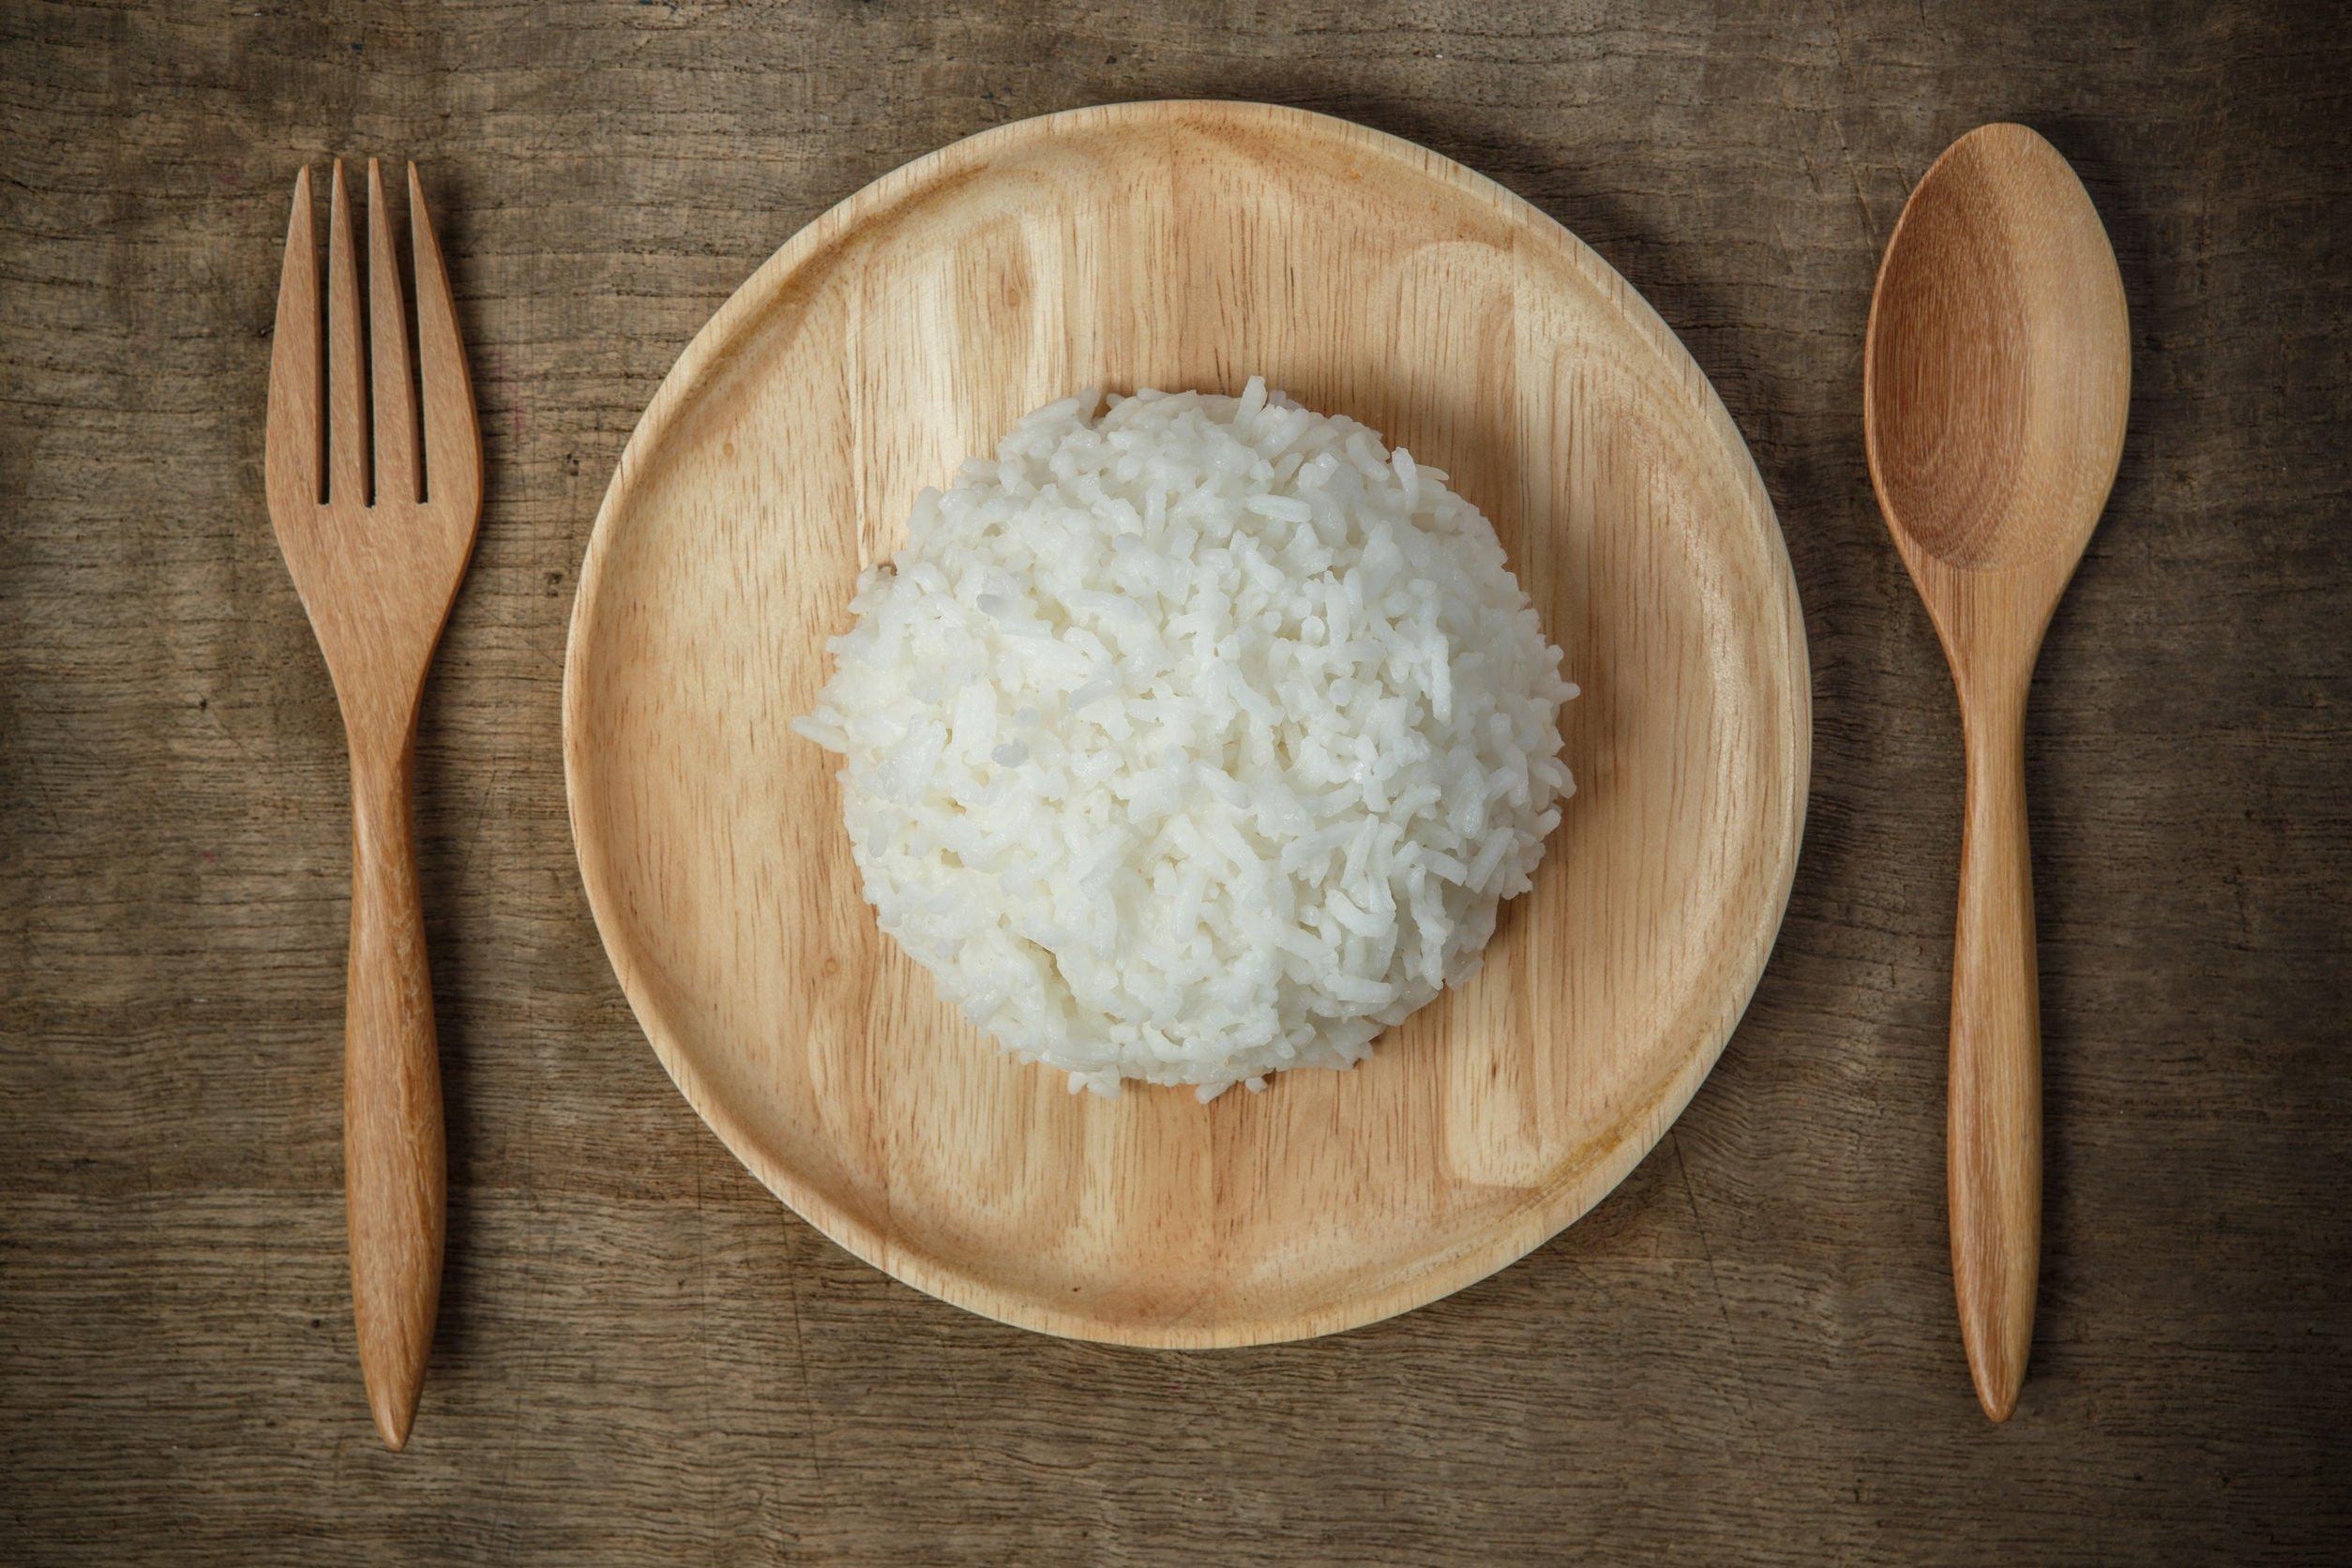 เก็บข้าวให้ดี...มีวิธีอย่างไร thaihealth